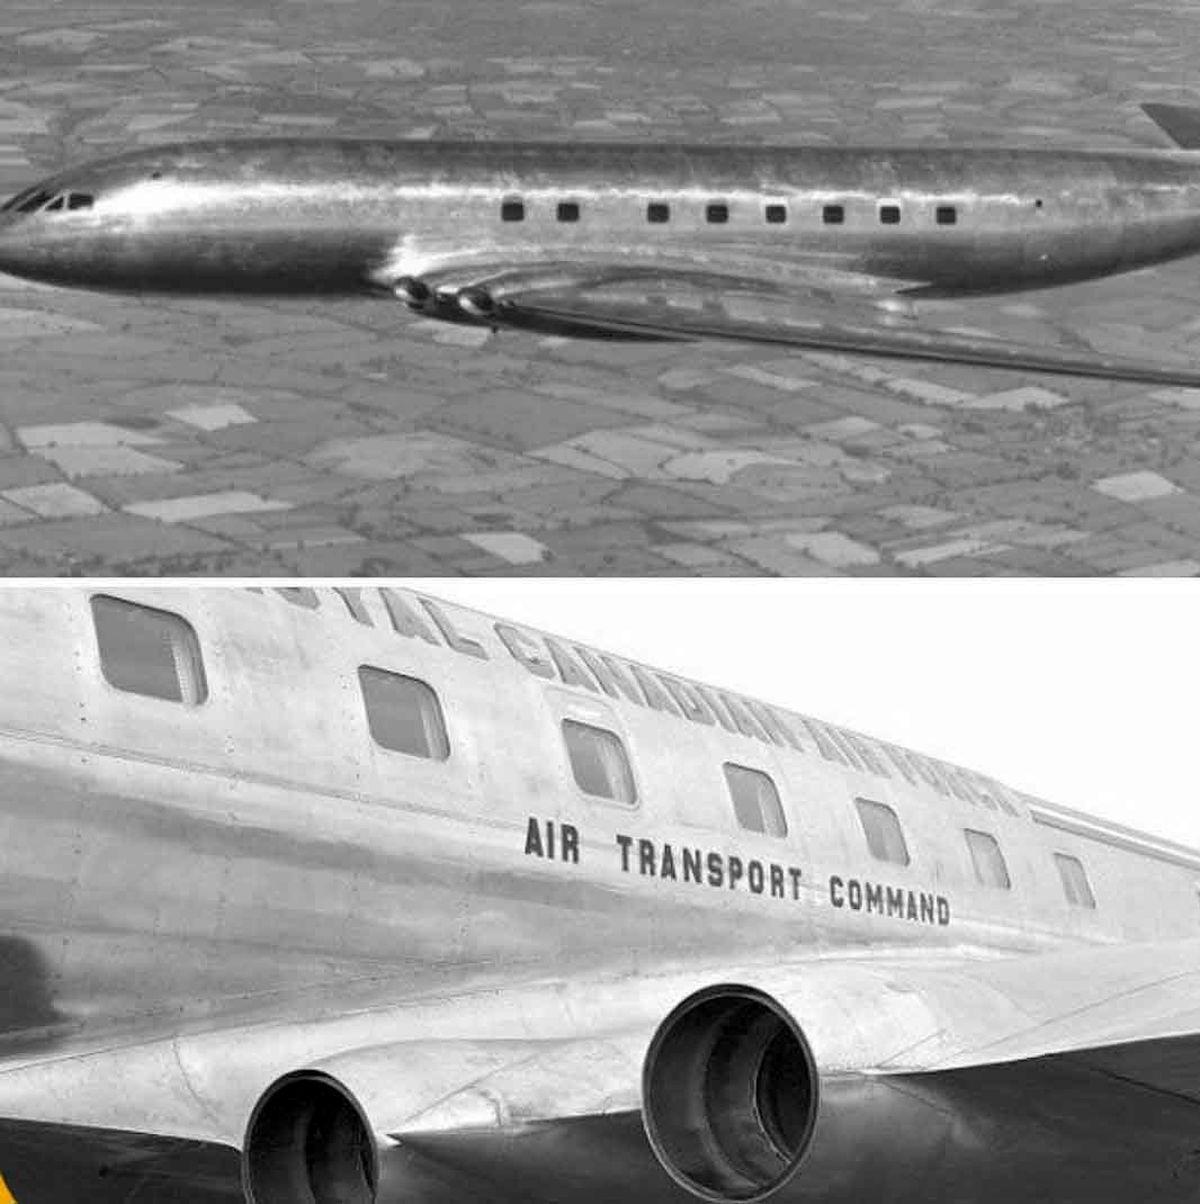 تصویری از هواپیمای پیشرفته 70 سال پیش که نابود شد